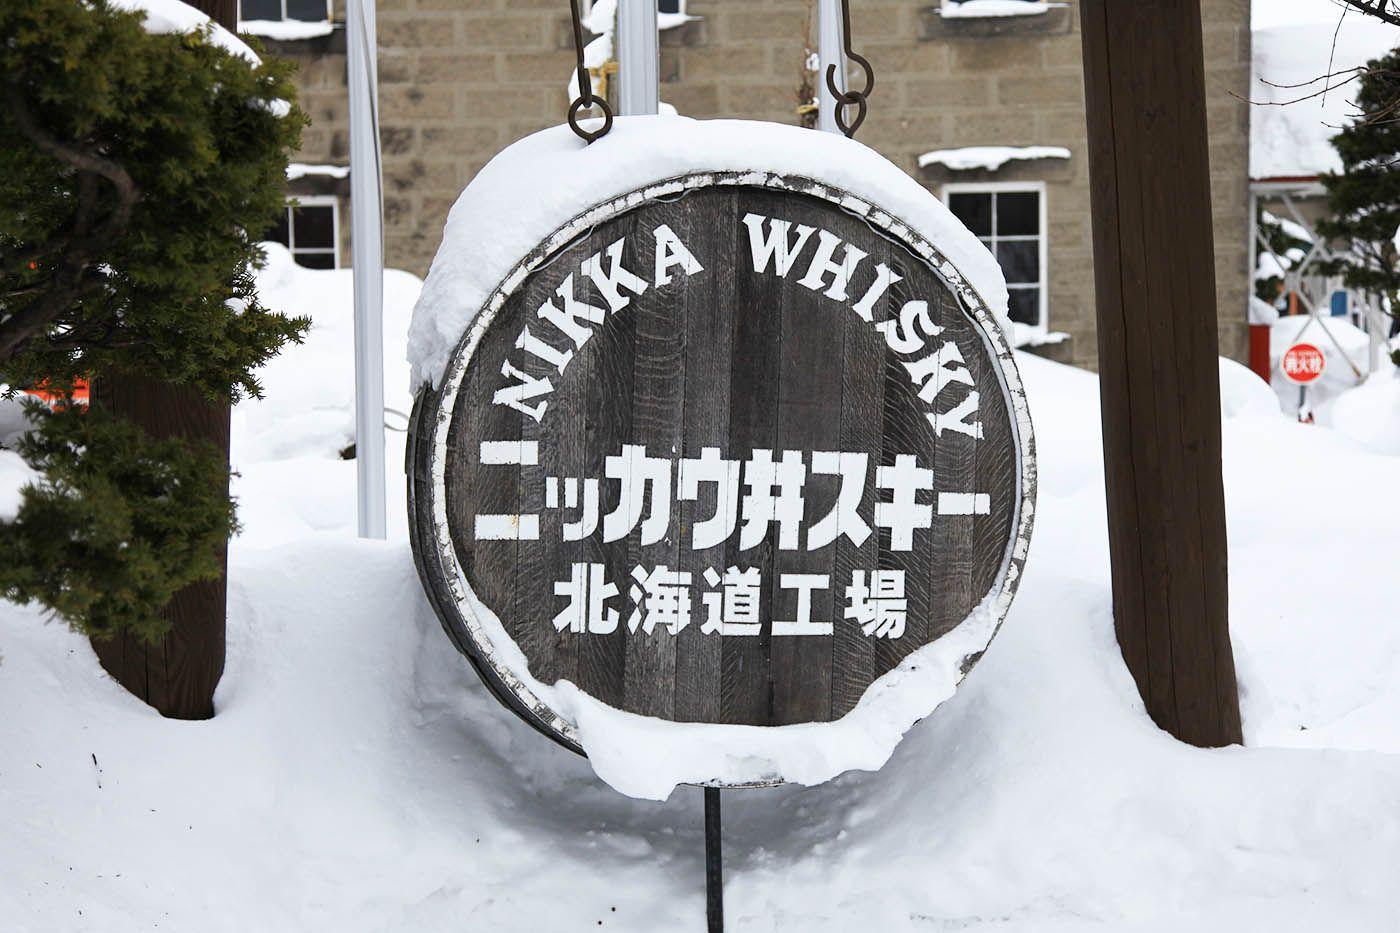 ウイスキー 余市